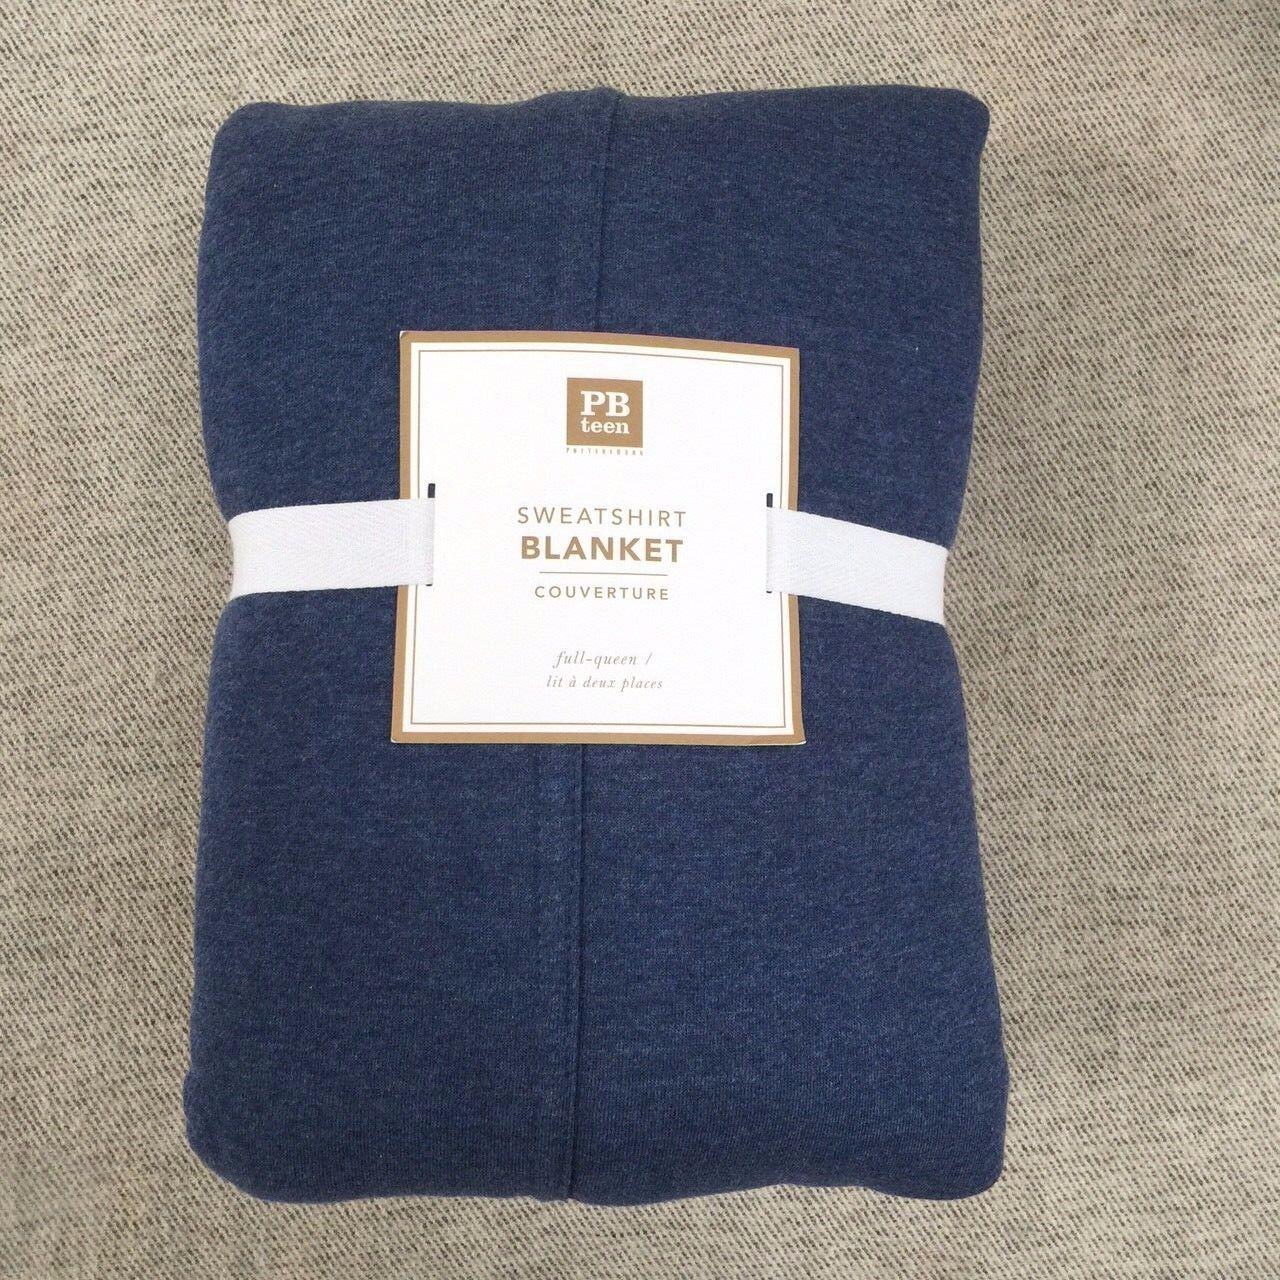 Pottery Barn Teen Sweatshirt Blanket Queen navy Jersey weave